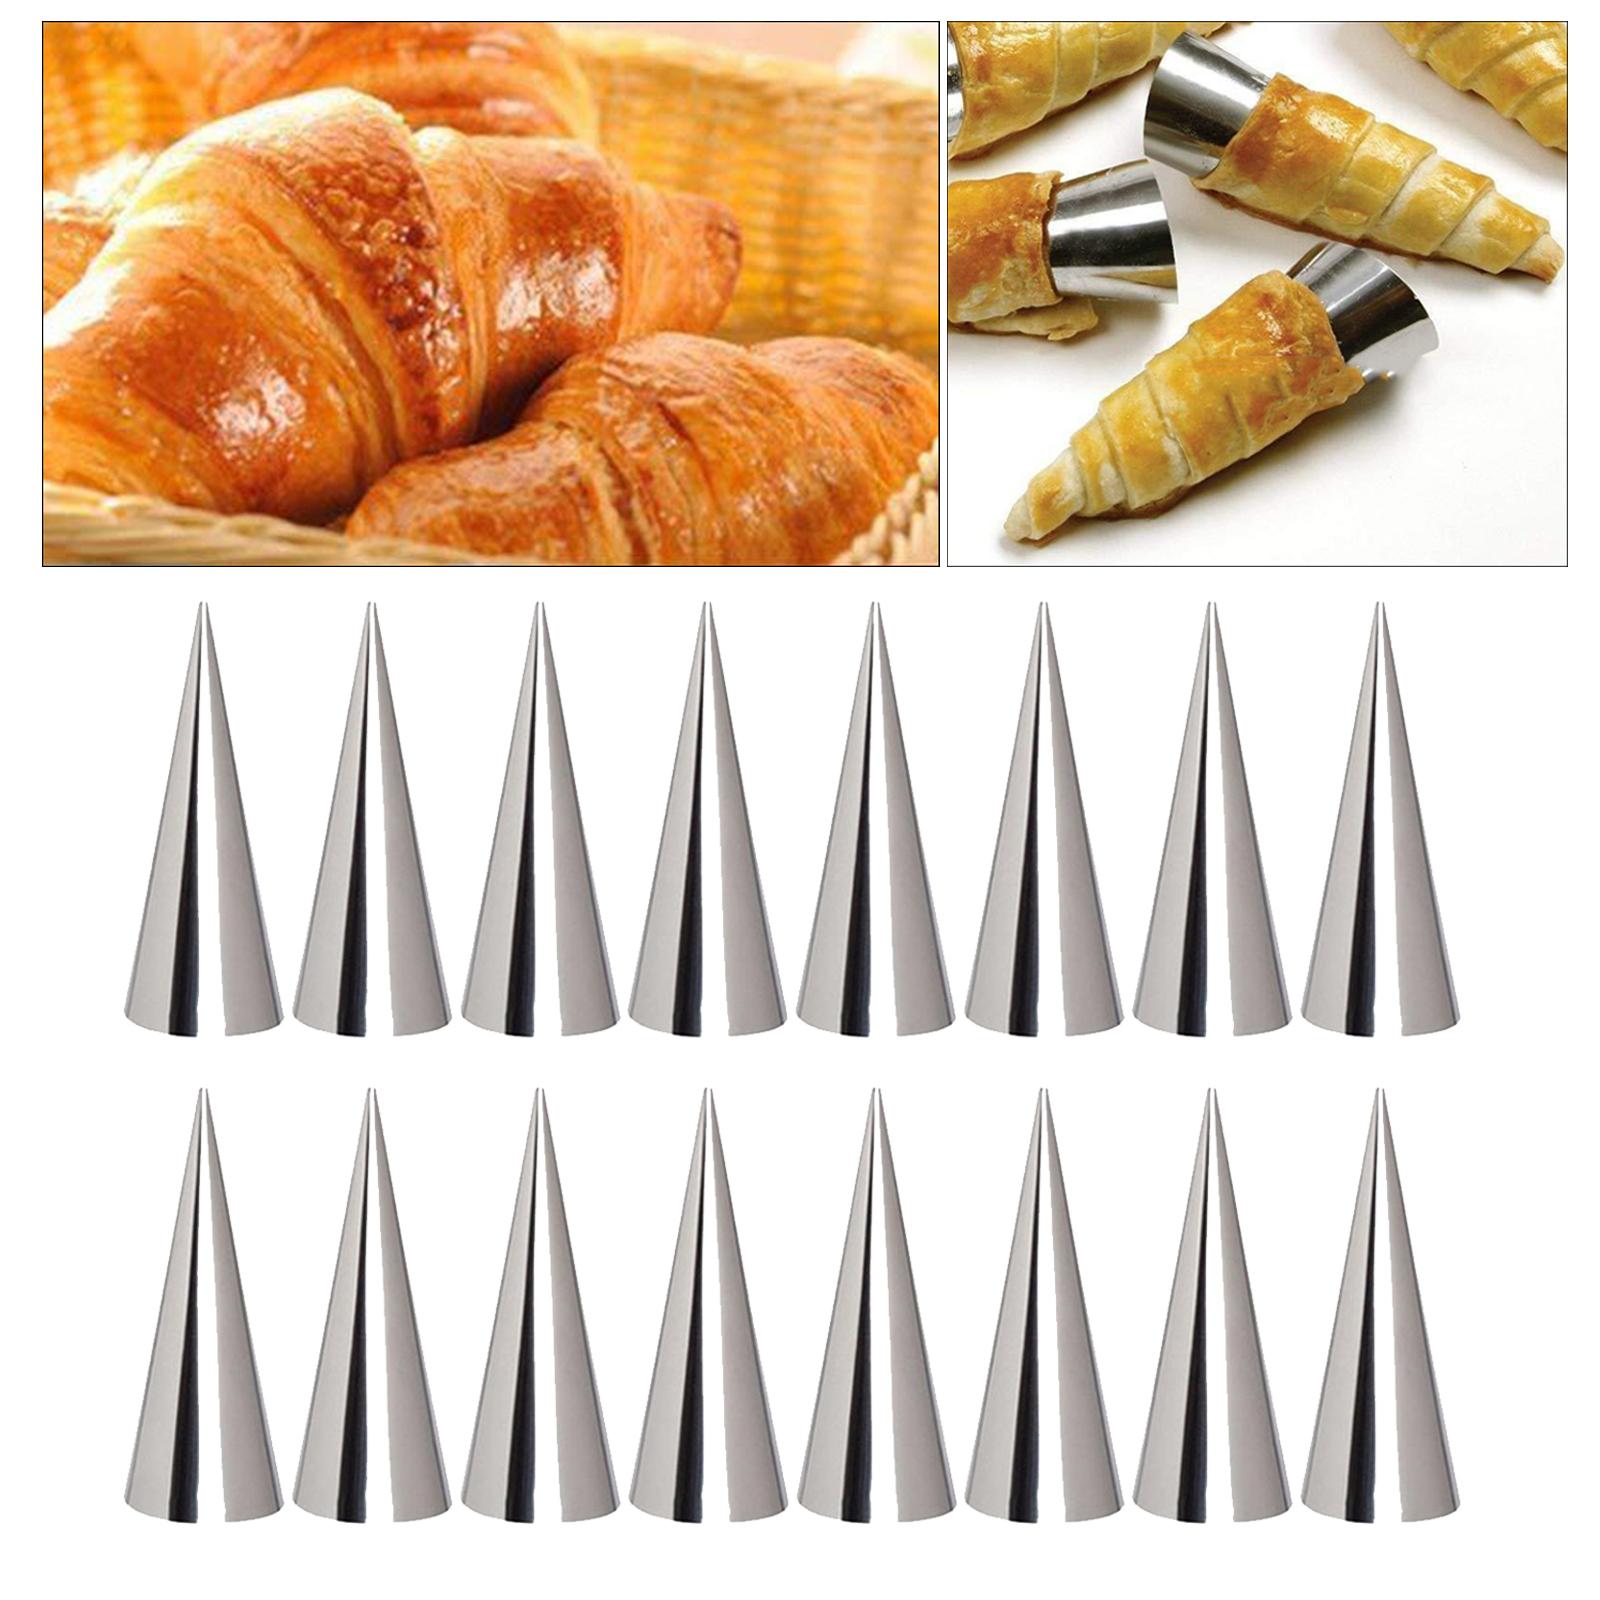 miniature 8 - Crème pâtissière Trompette Croissant Outil Spirale Tubes Pain Pâtisserie Gâ